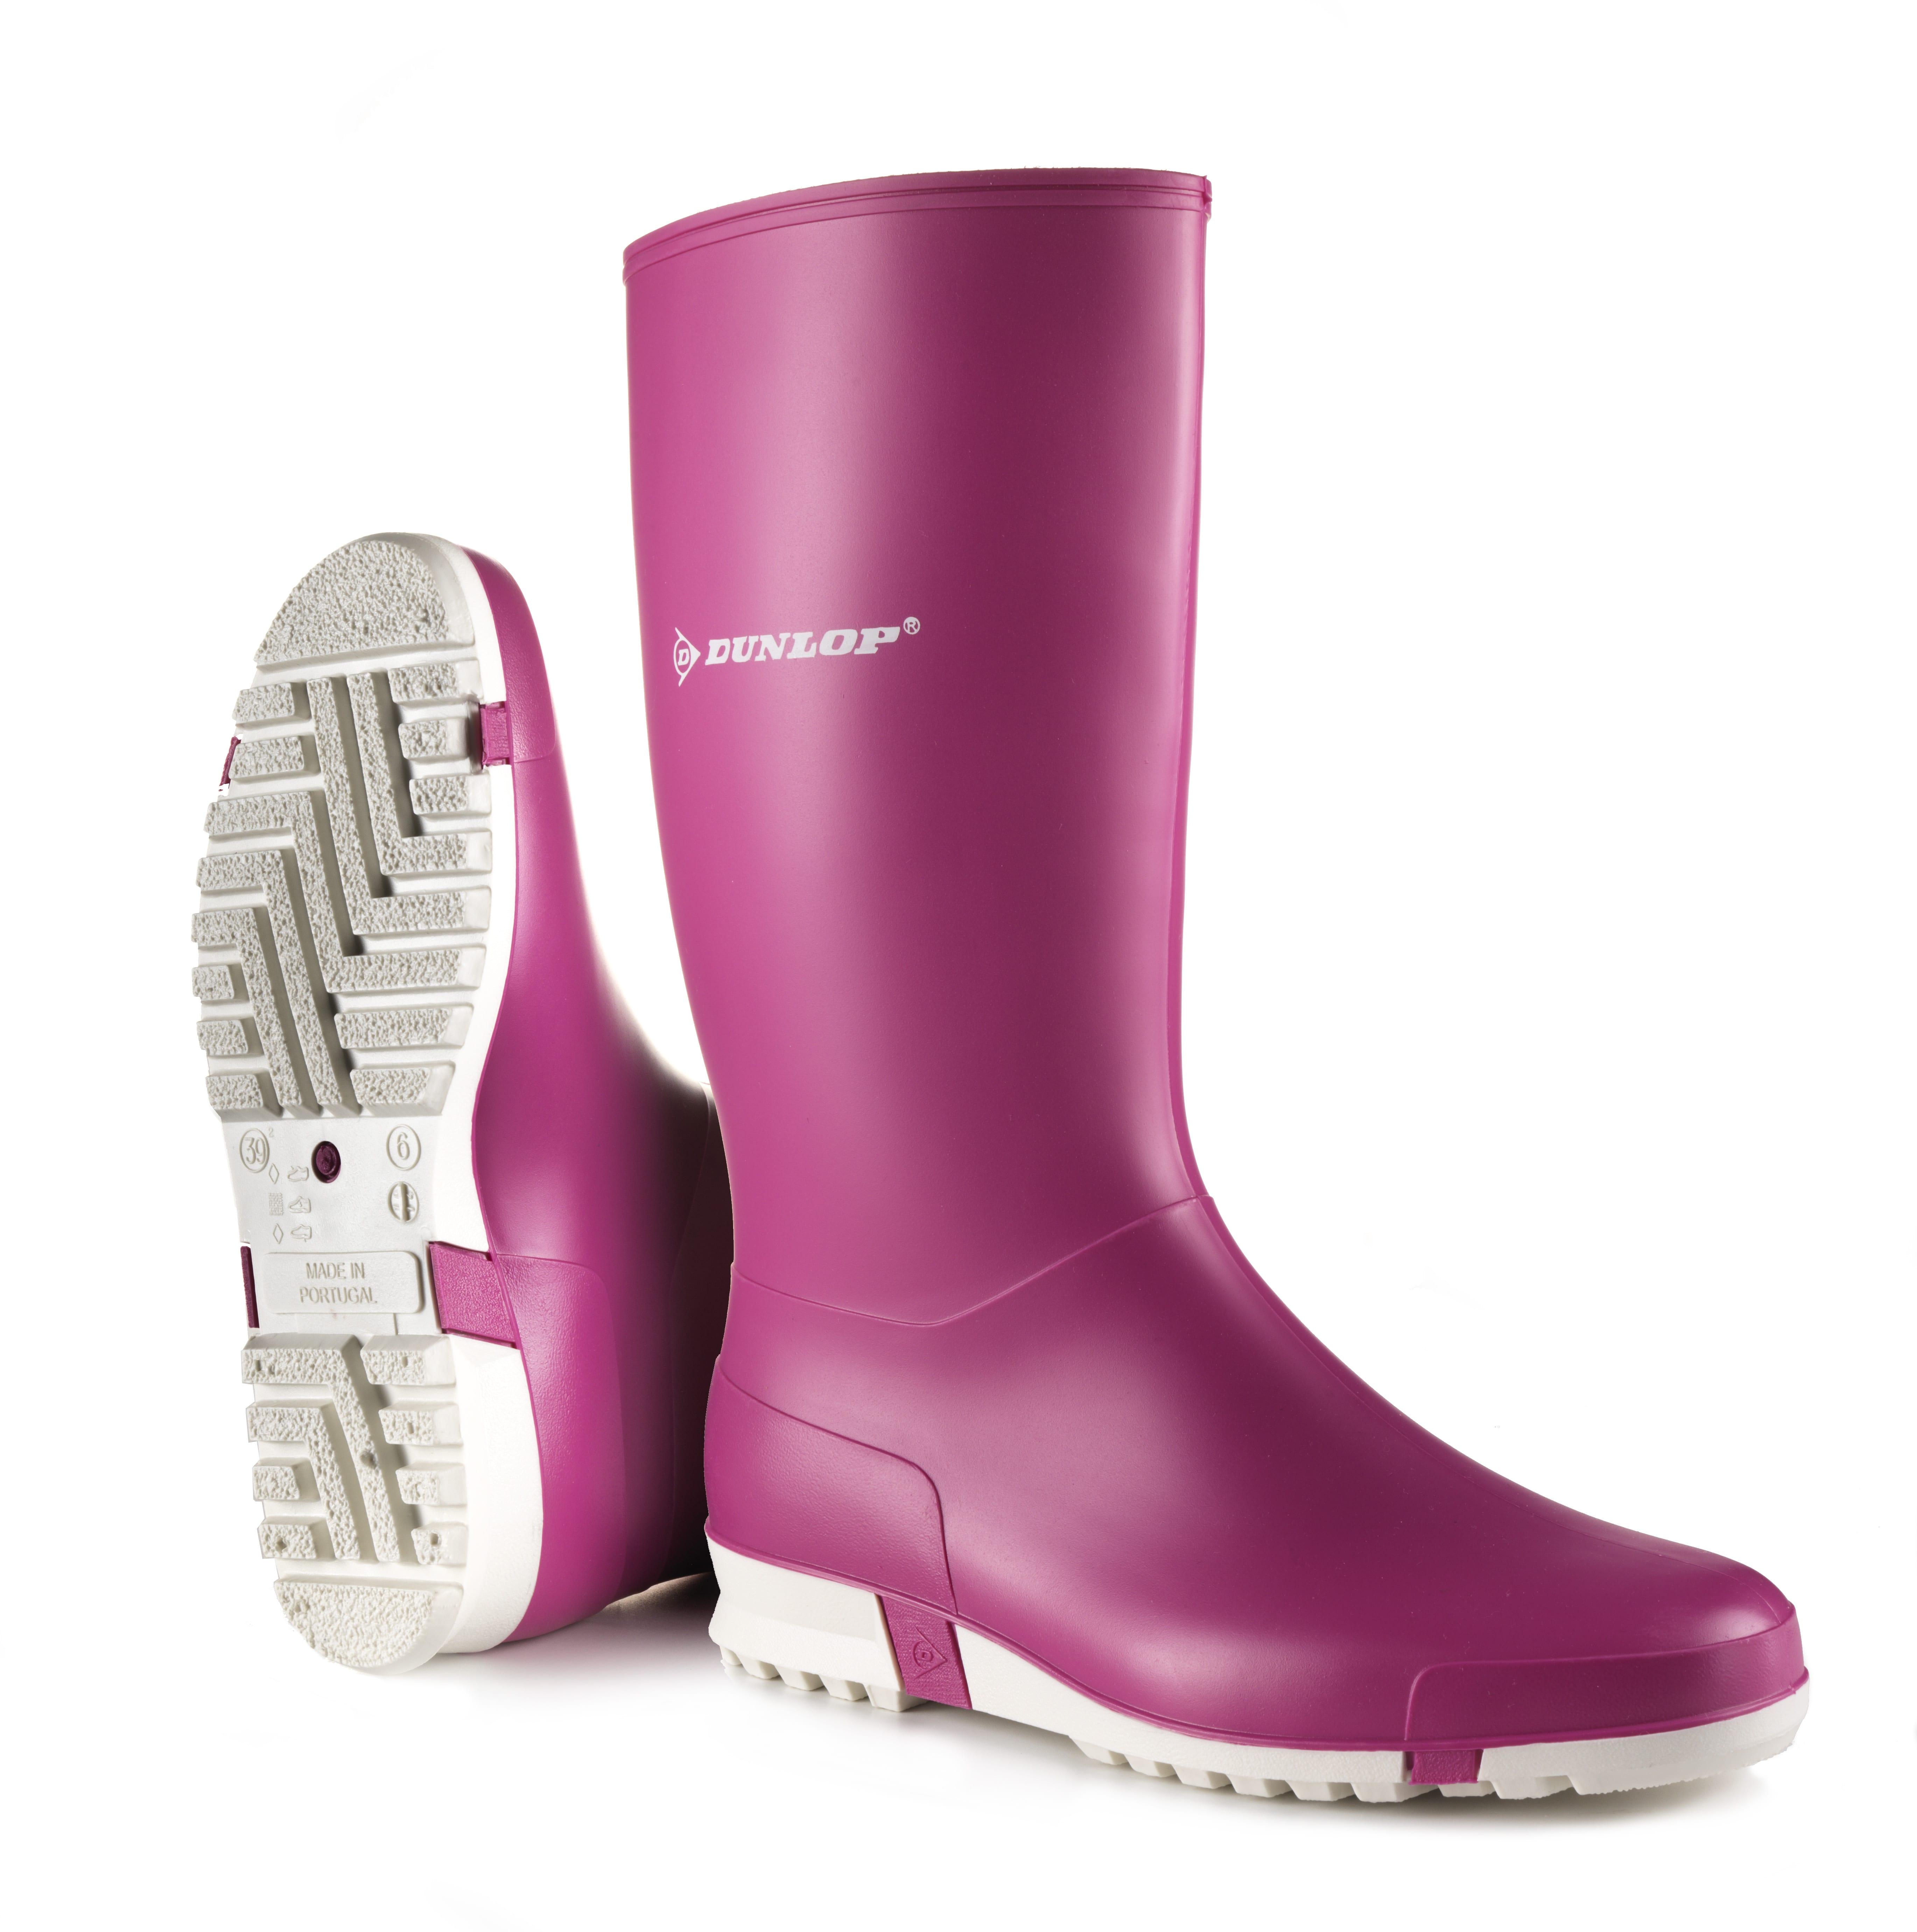 4.Dunlop Ladies Pink